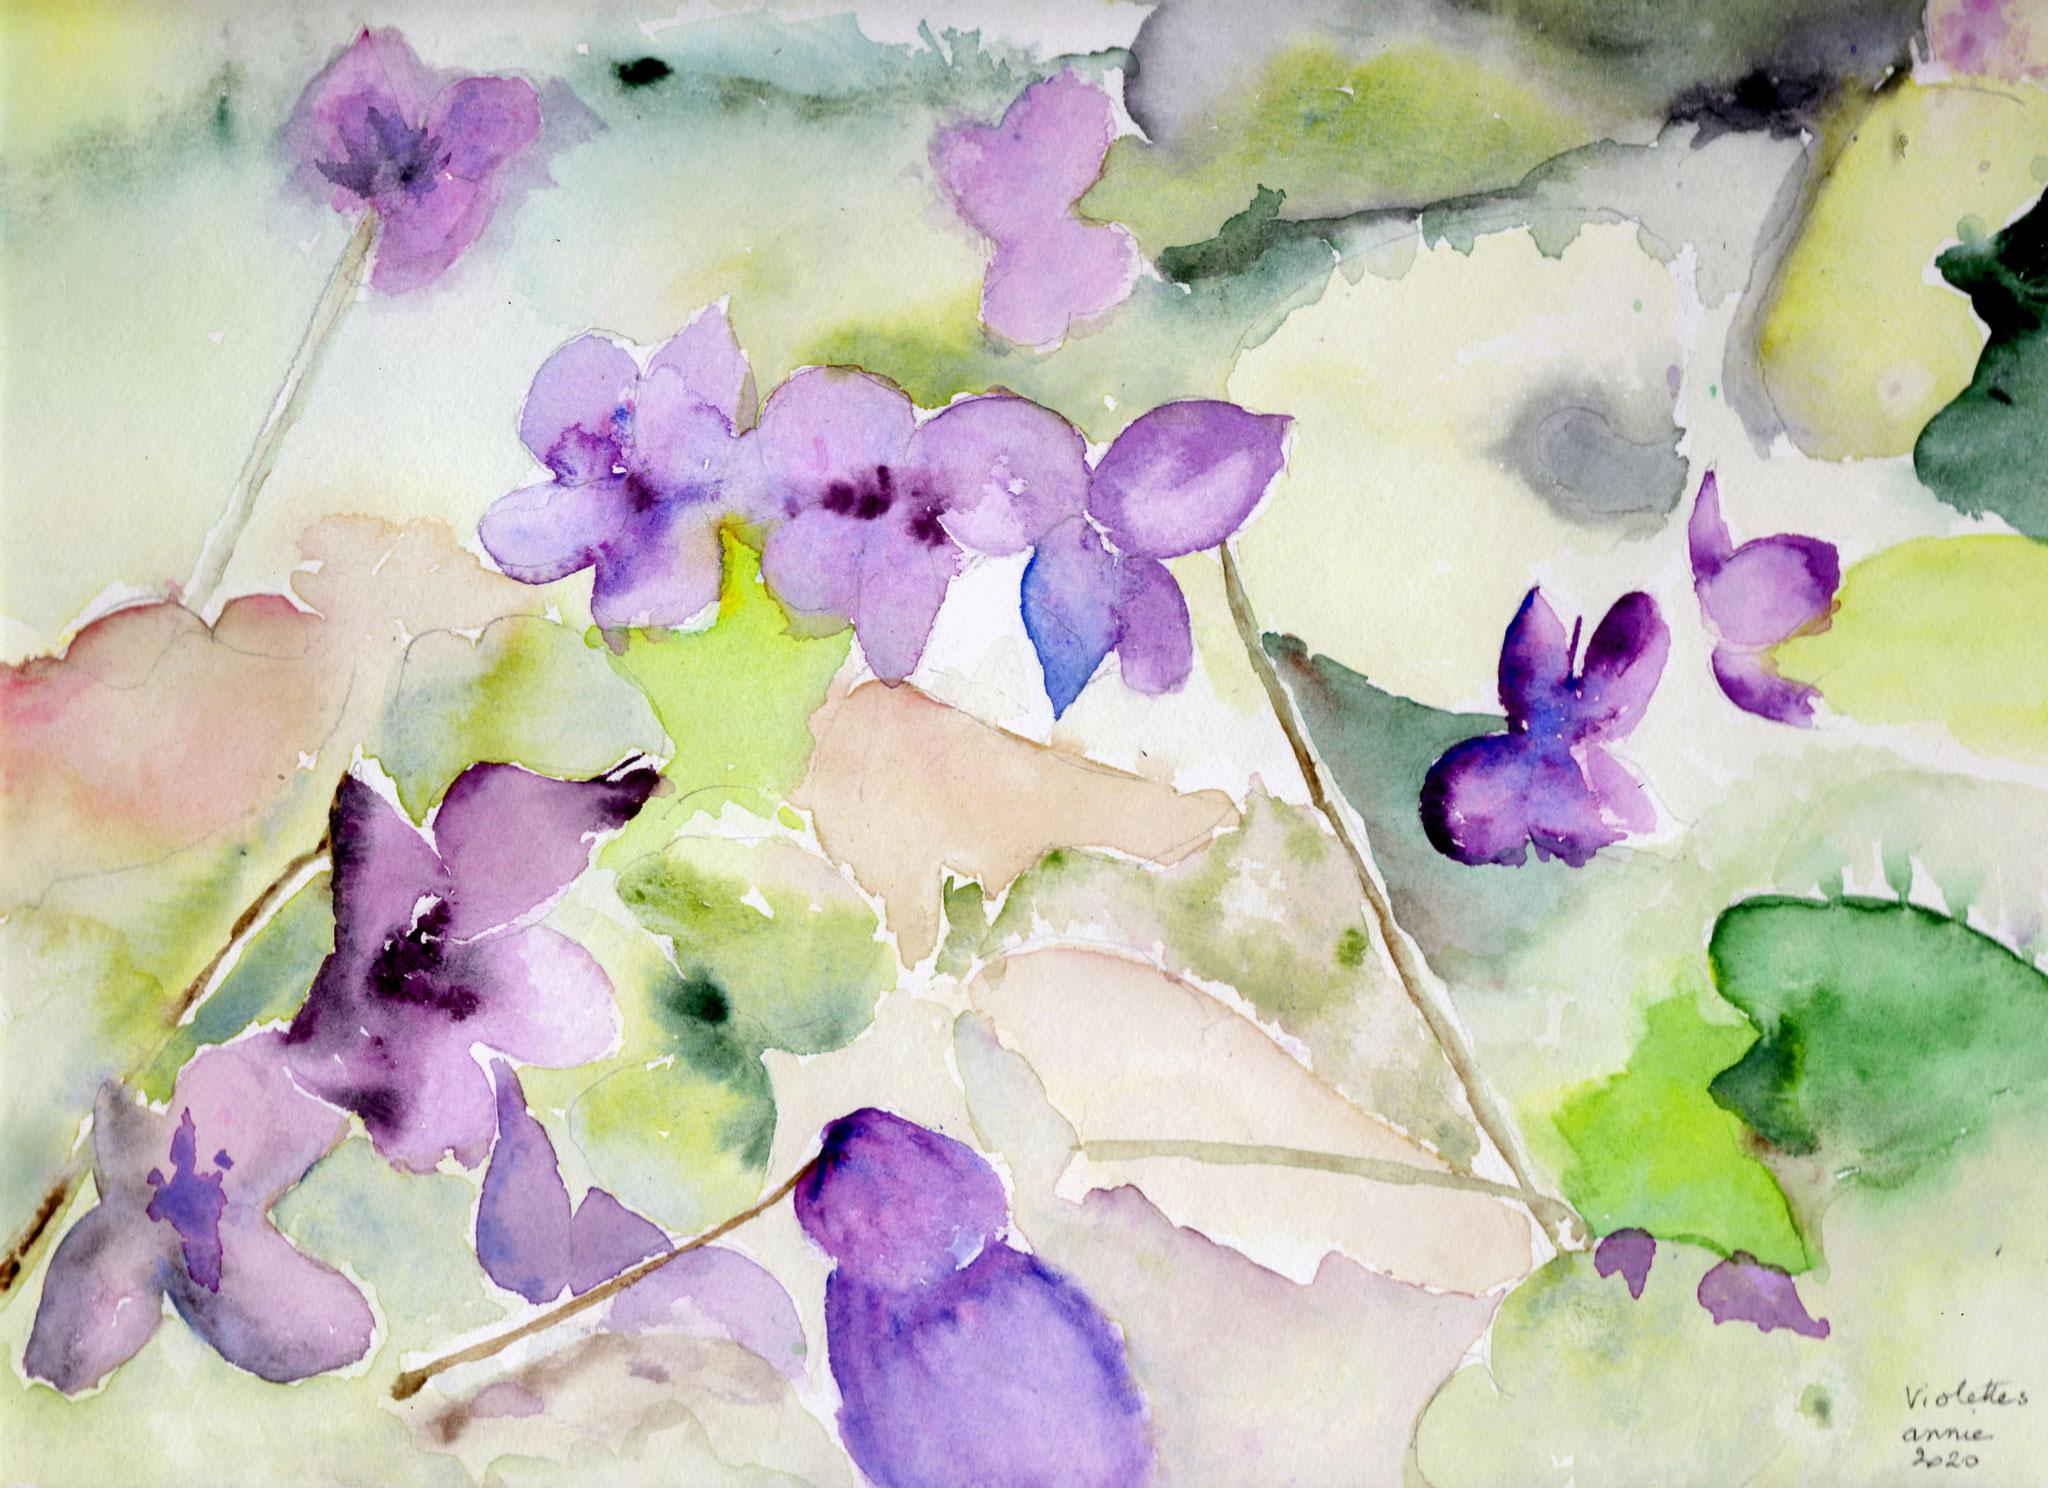 Les violettes d'après une photo de Jehanne SBX